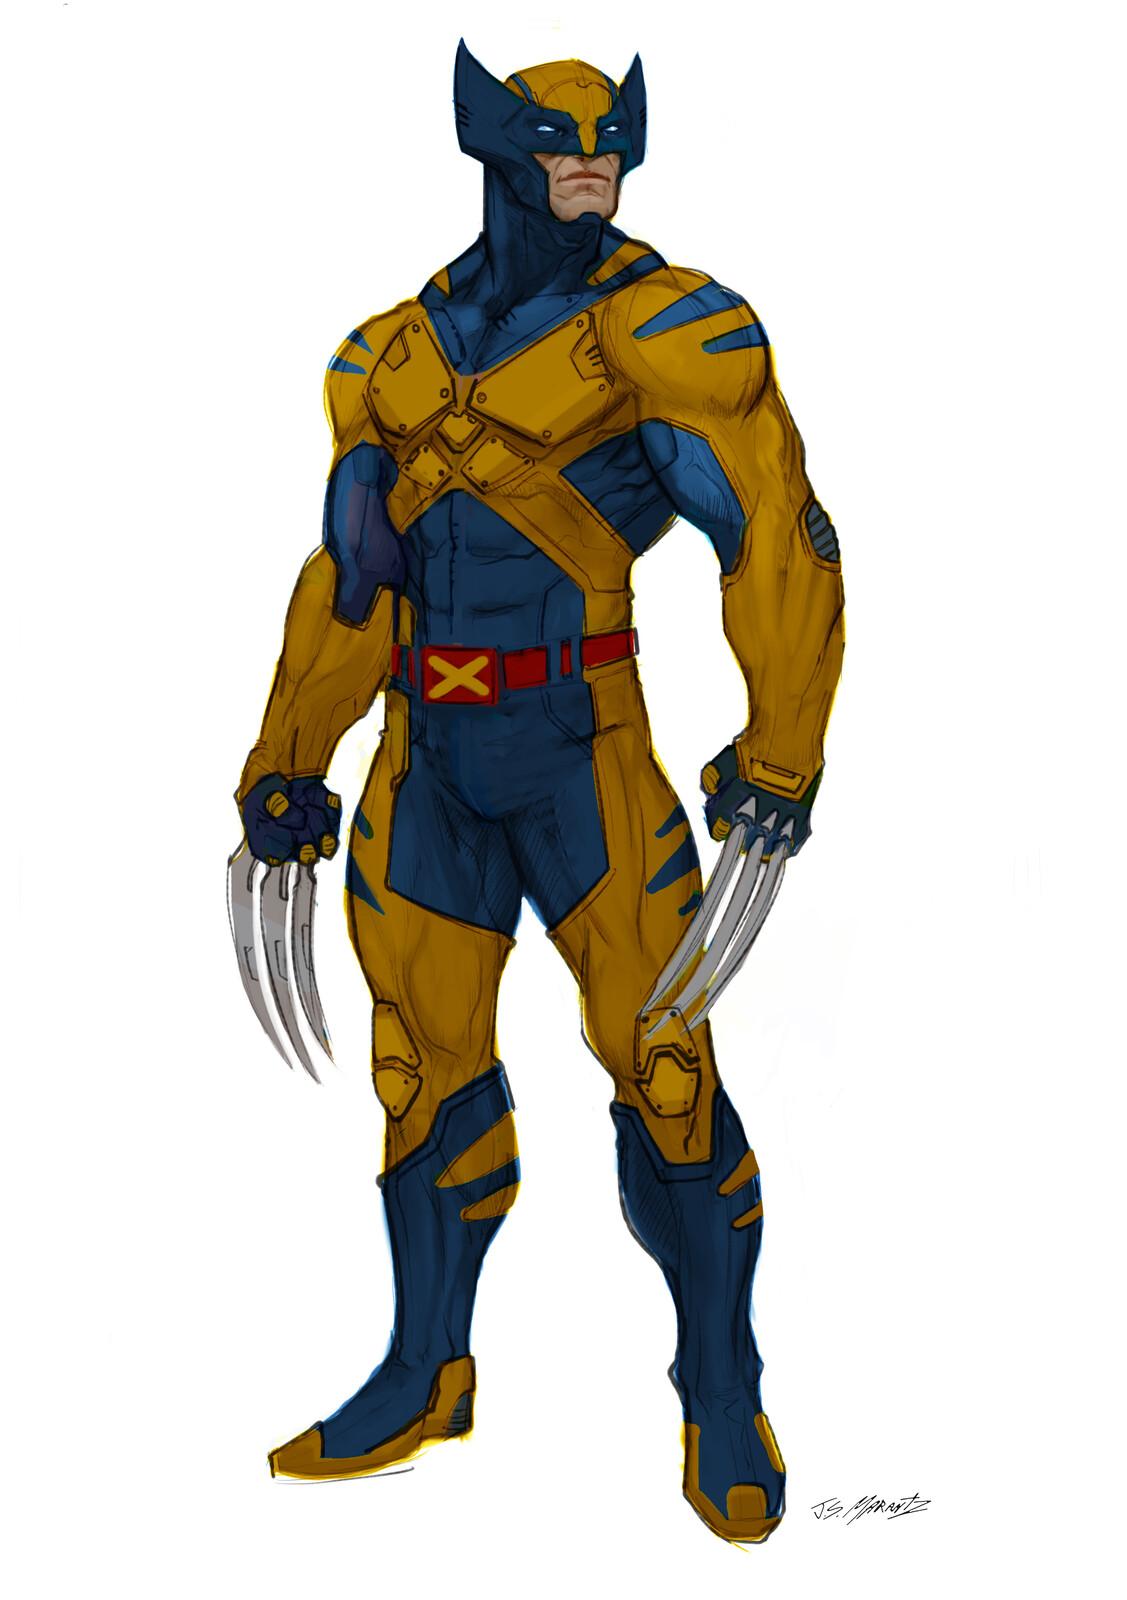 Wolverine por Jerad Marantz. Imagen: Jerad Marantz Twitter (@jsmarantz).